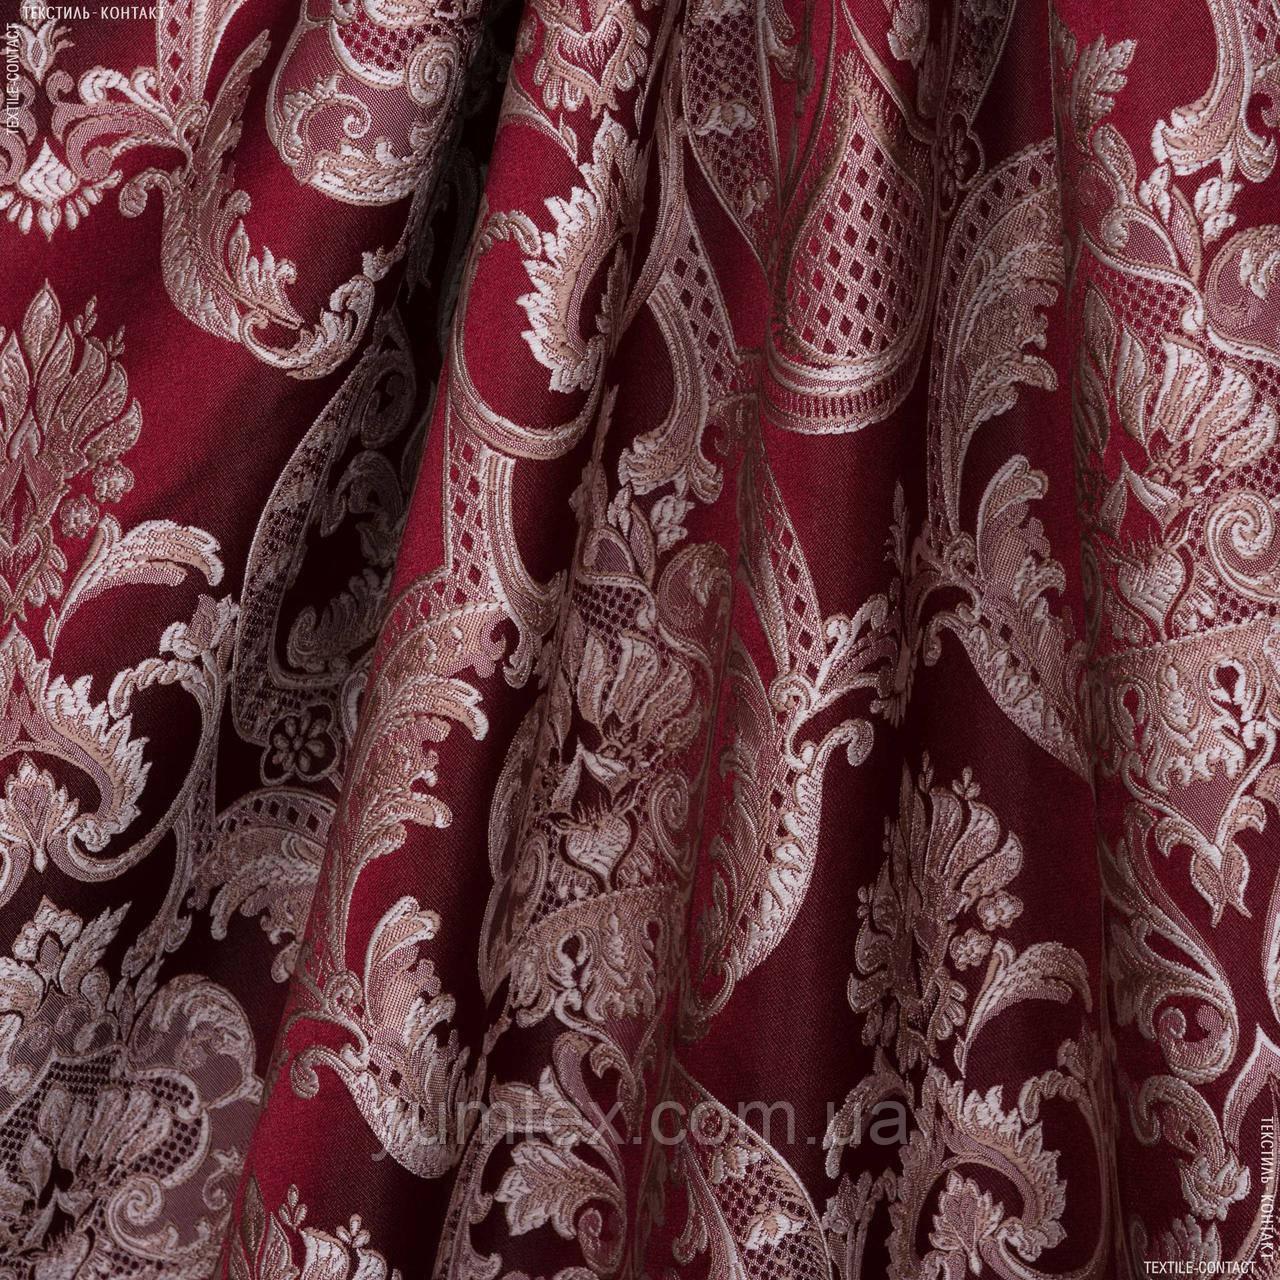 Декоративная ткань (купон) астория  бордо 138130